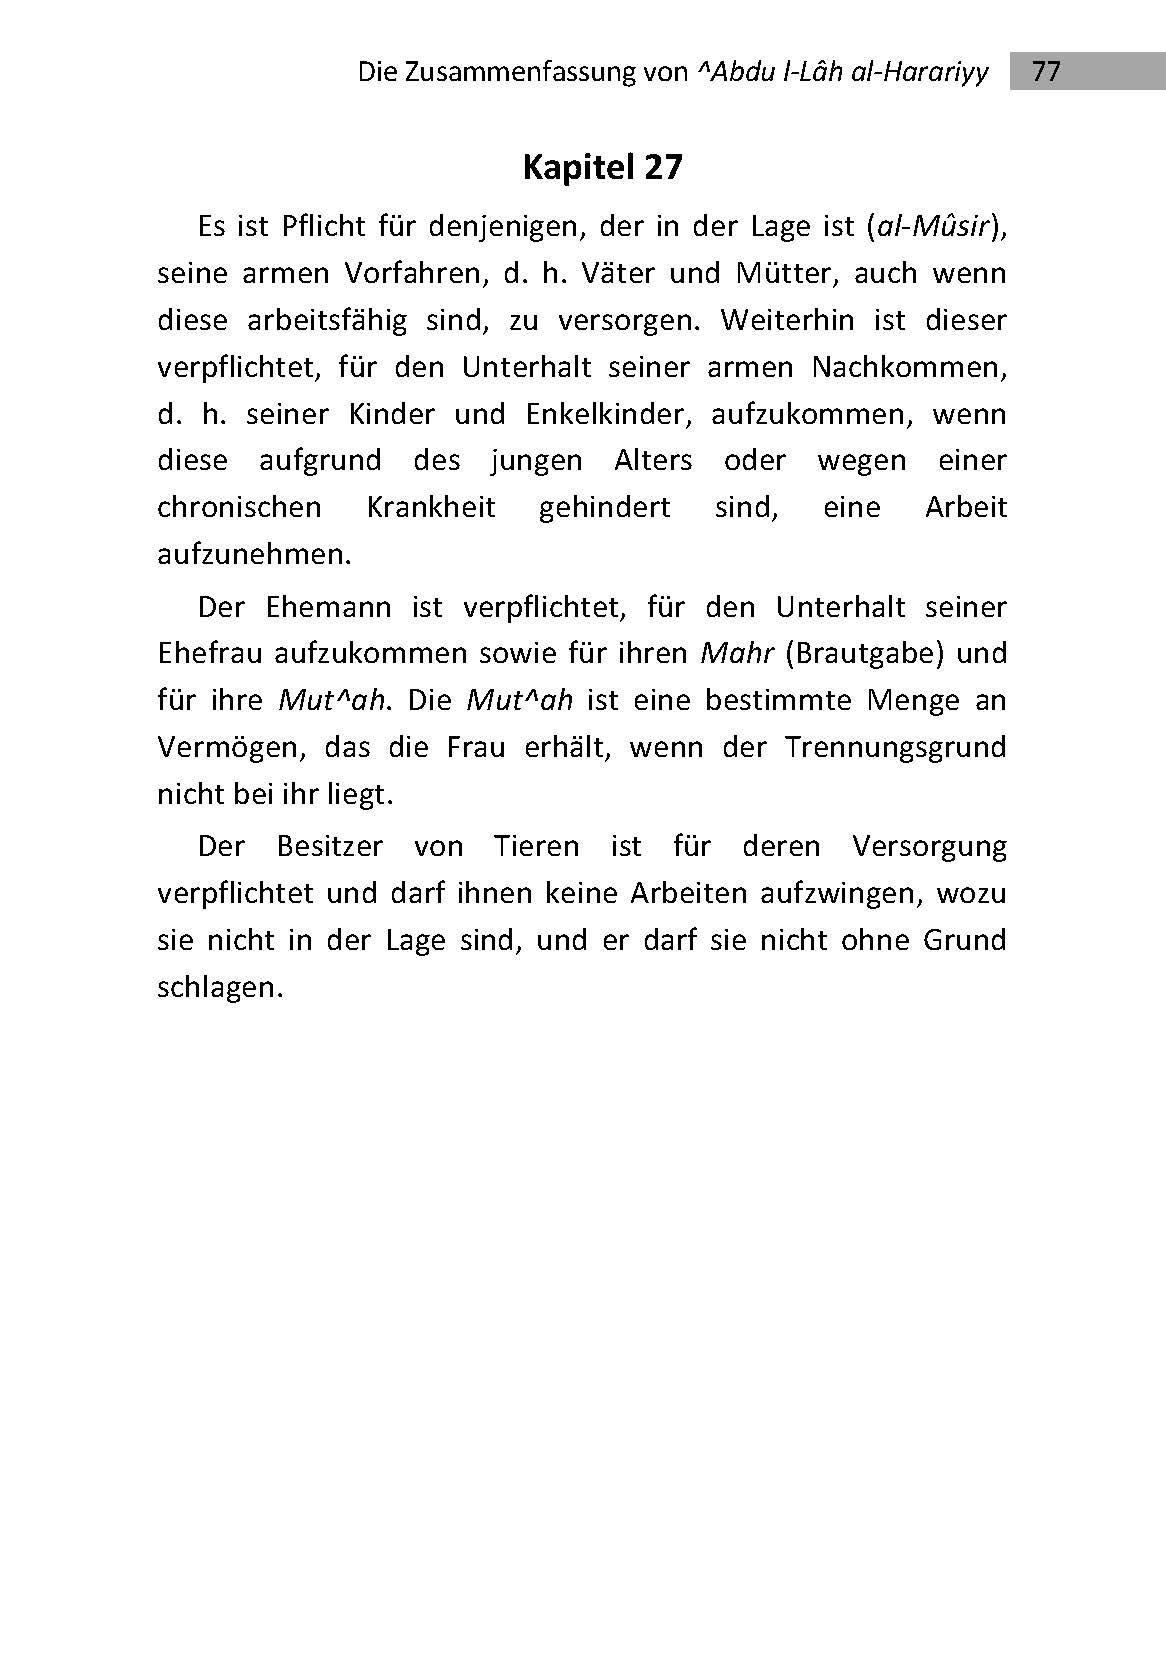 Die Zusammenfassung - 3. Auflage 2014_Seite_77